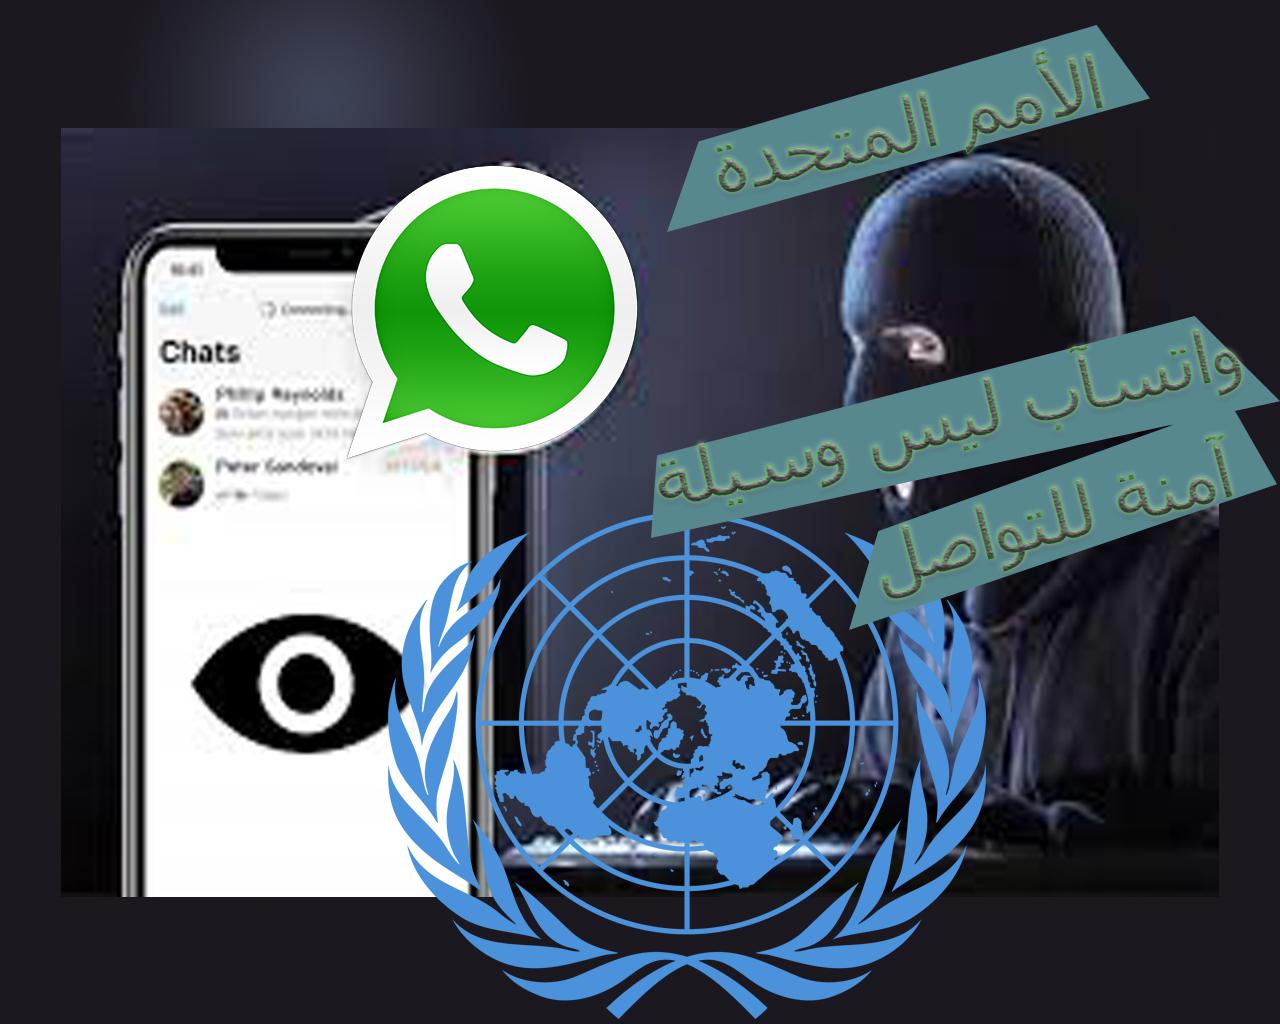 حسب الأمم المتحدة:  تطبيق الدردشة واتس آب ليس وسيلة آمنة للتواصل!